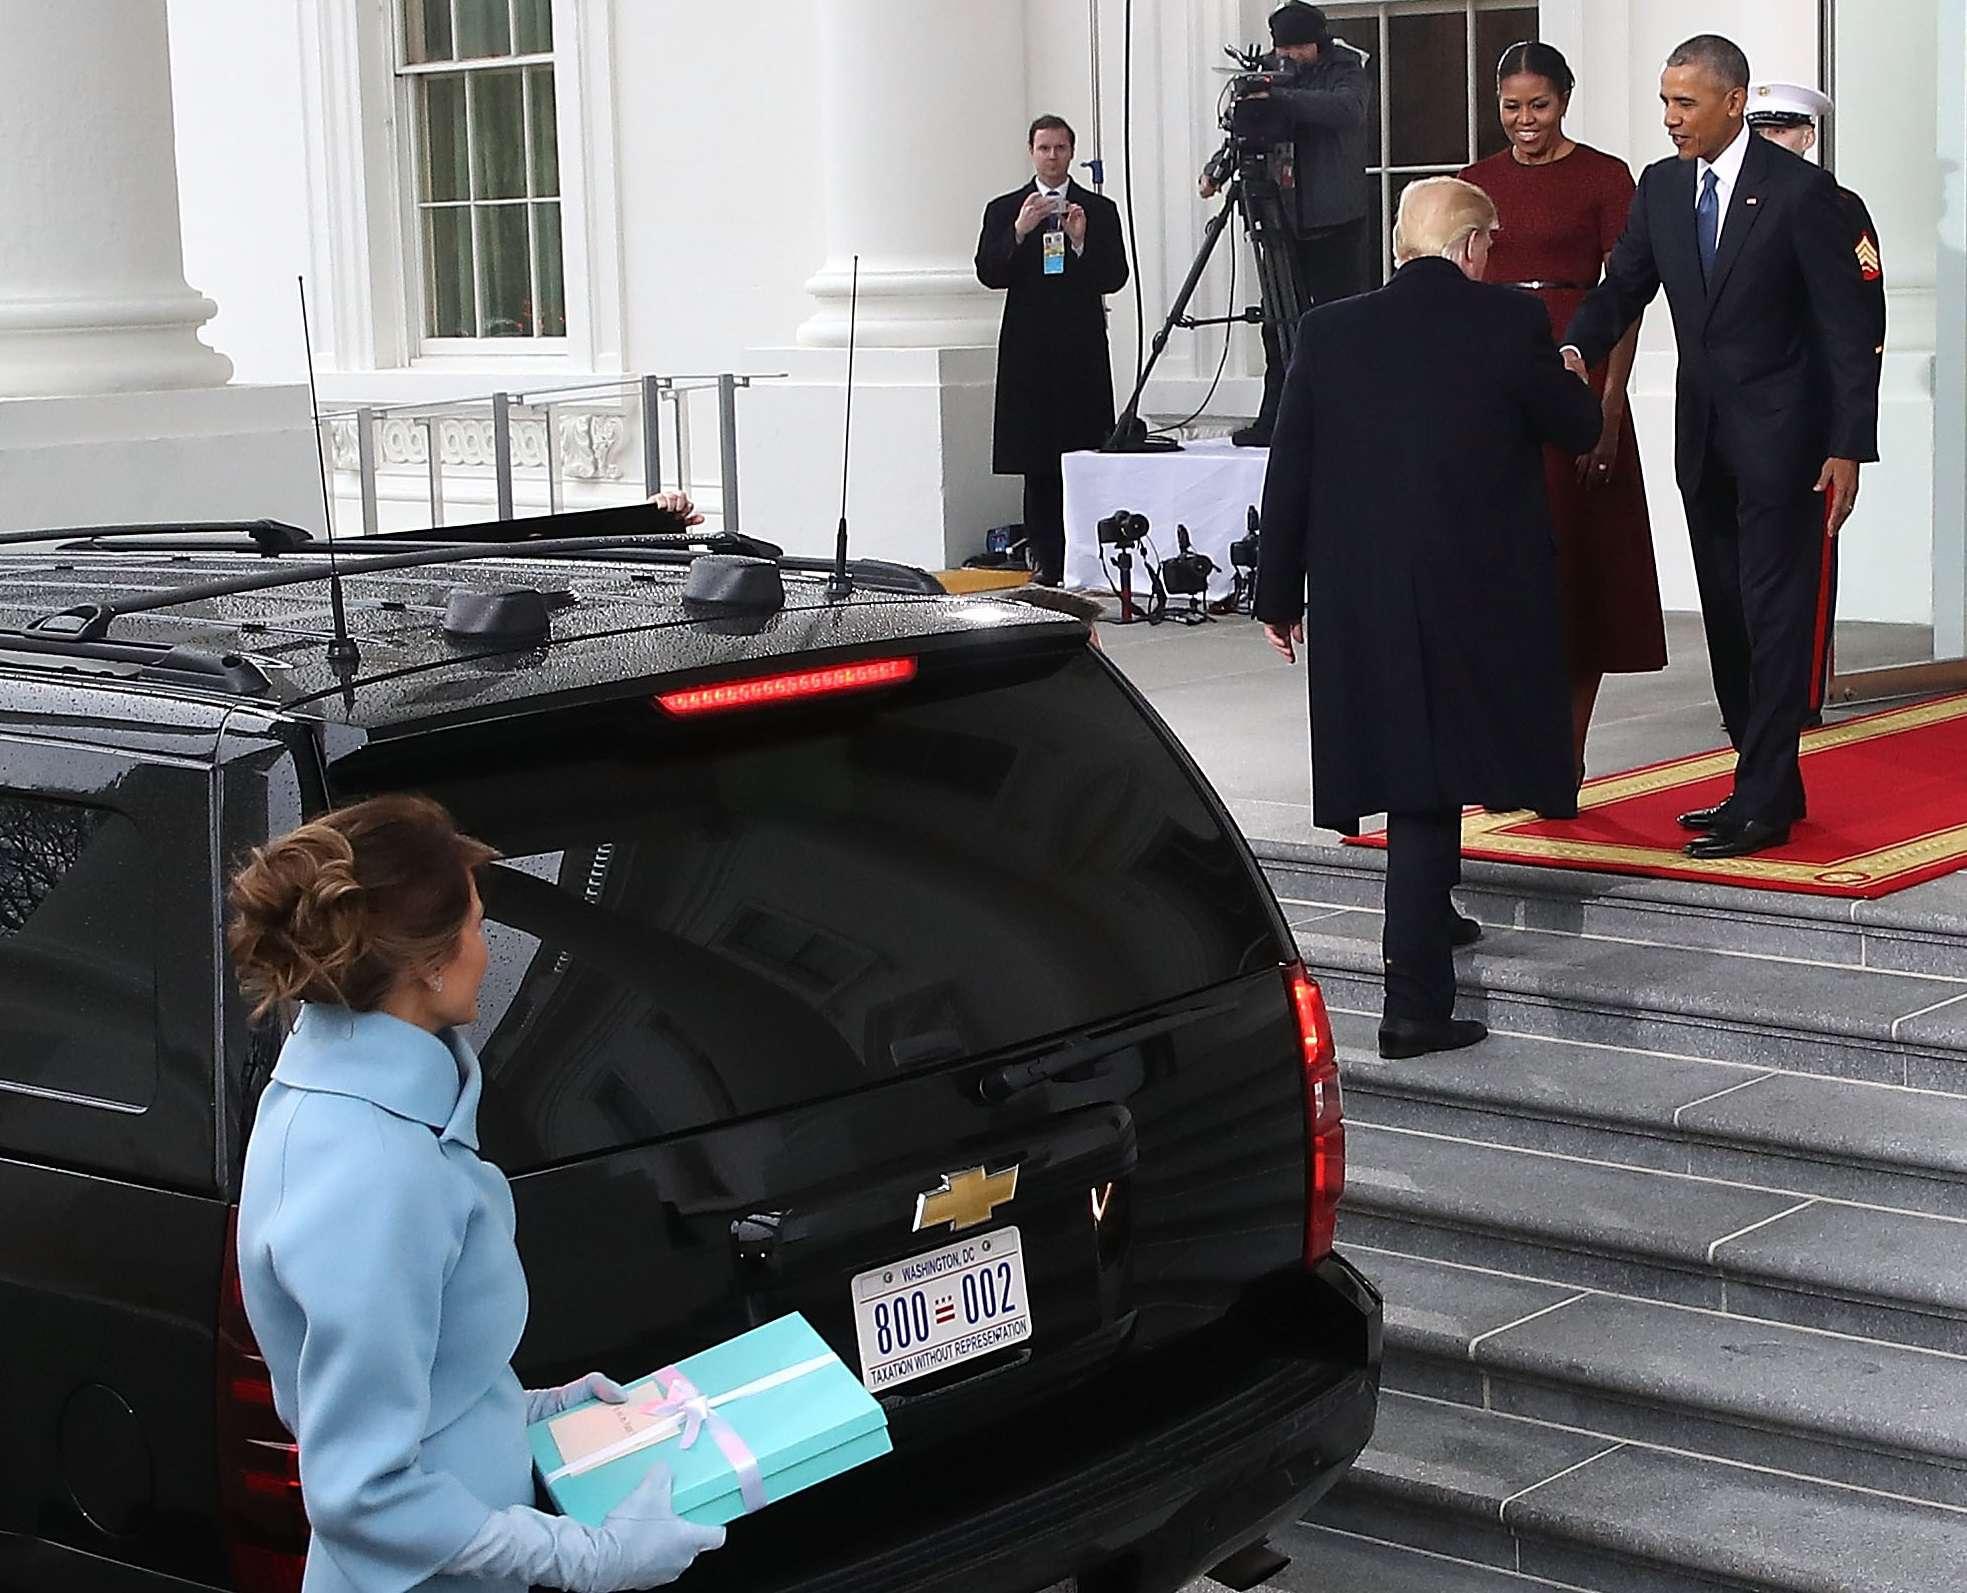 ¿Qué le regaló Melania Trump a Michelle Obama? | El Diario NY